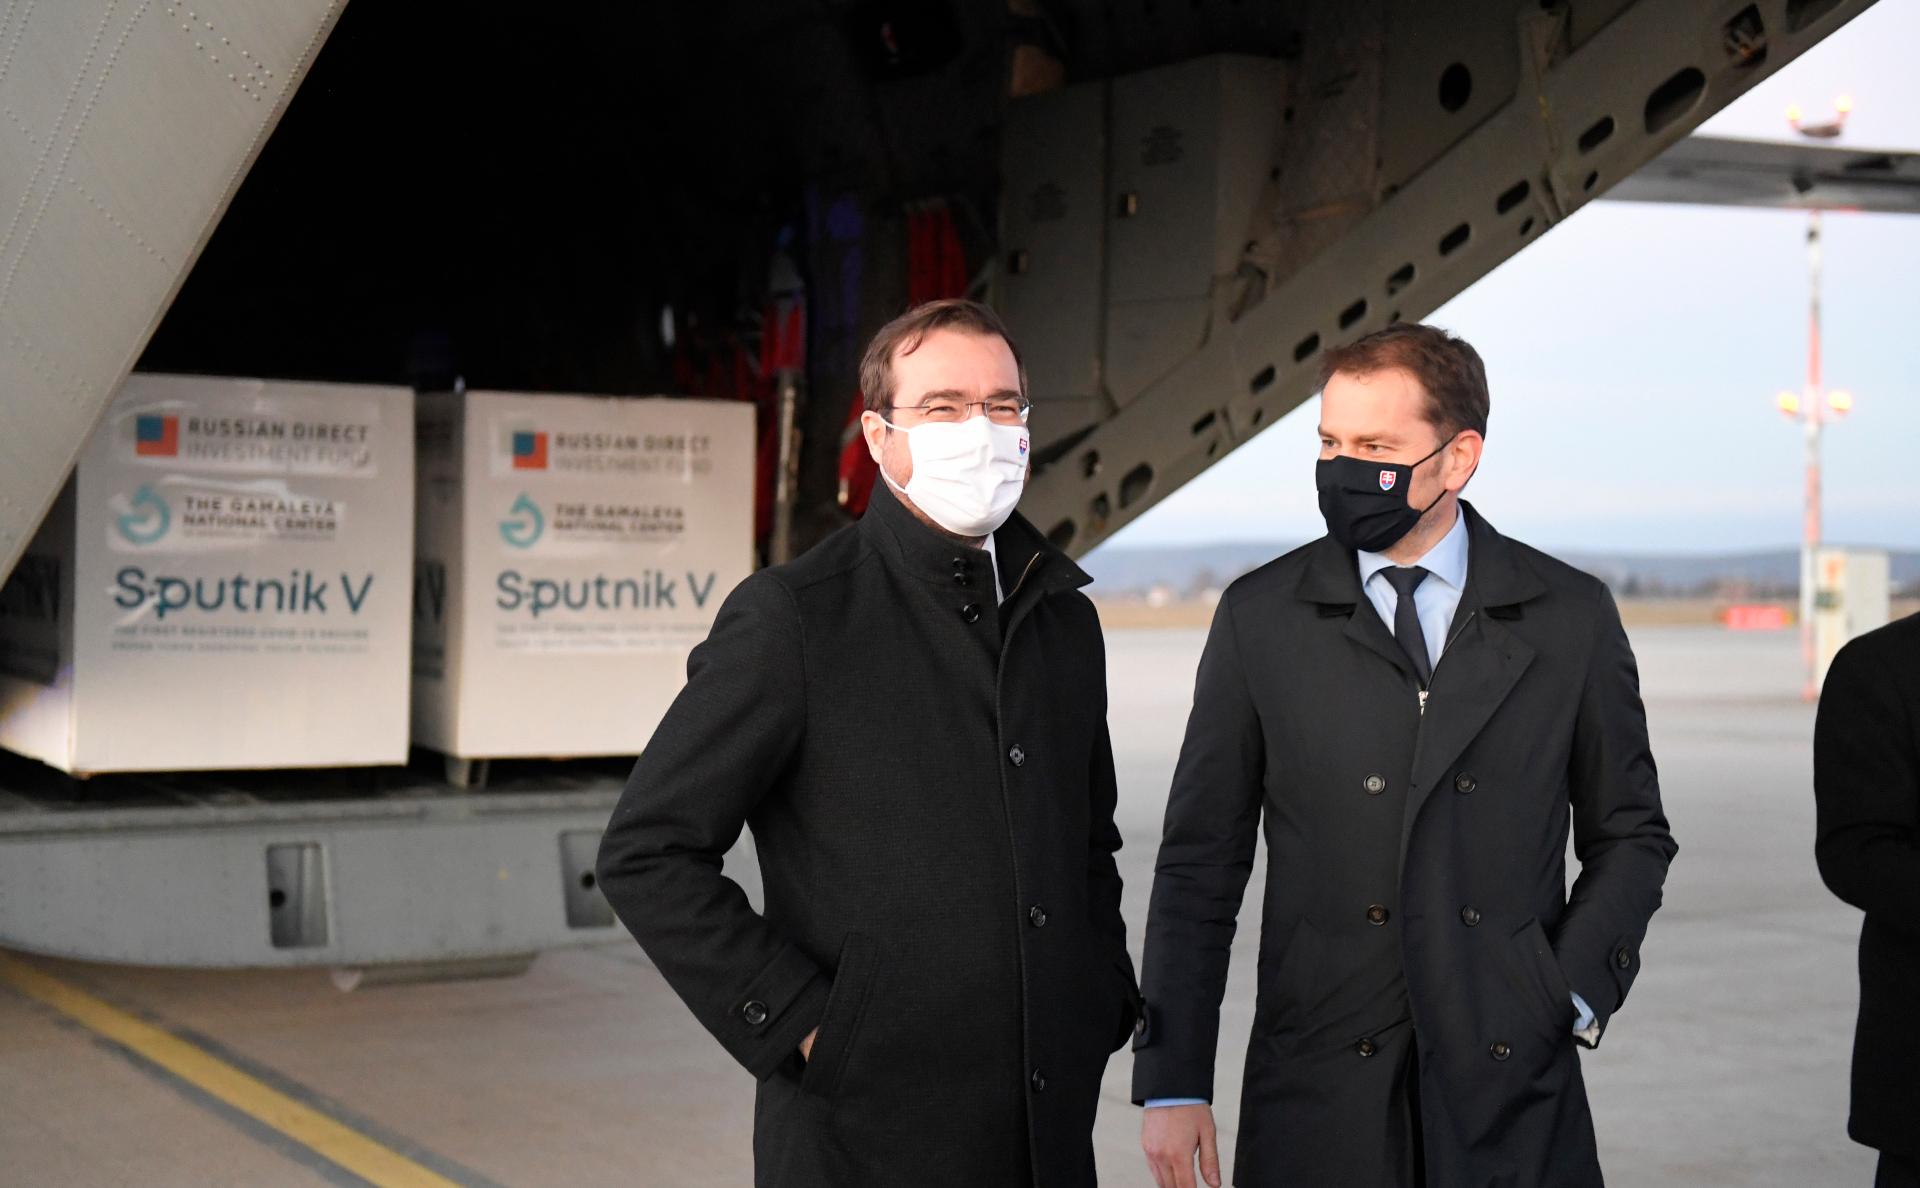 Глава Минздрава Словакии уйдет в отставку из-за скандала со «Спутником V»